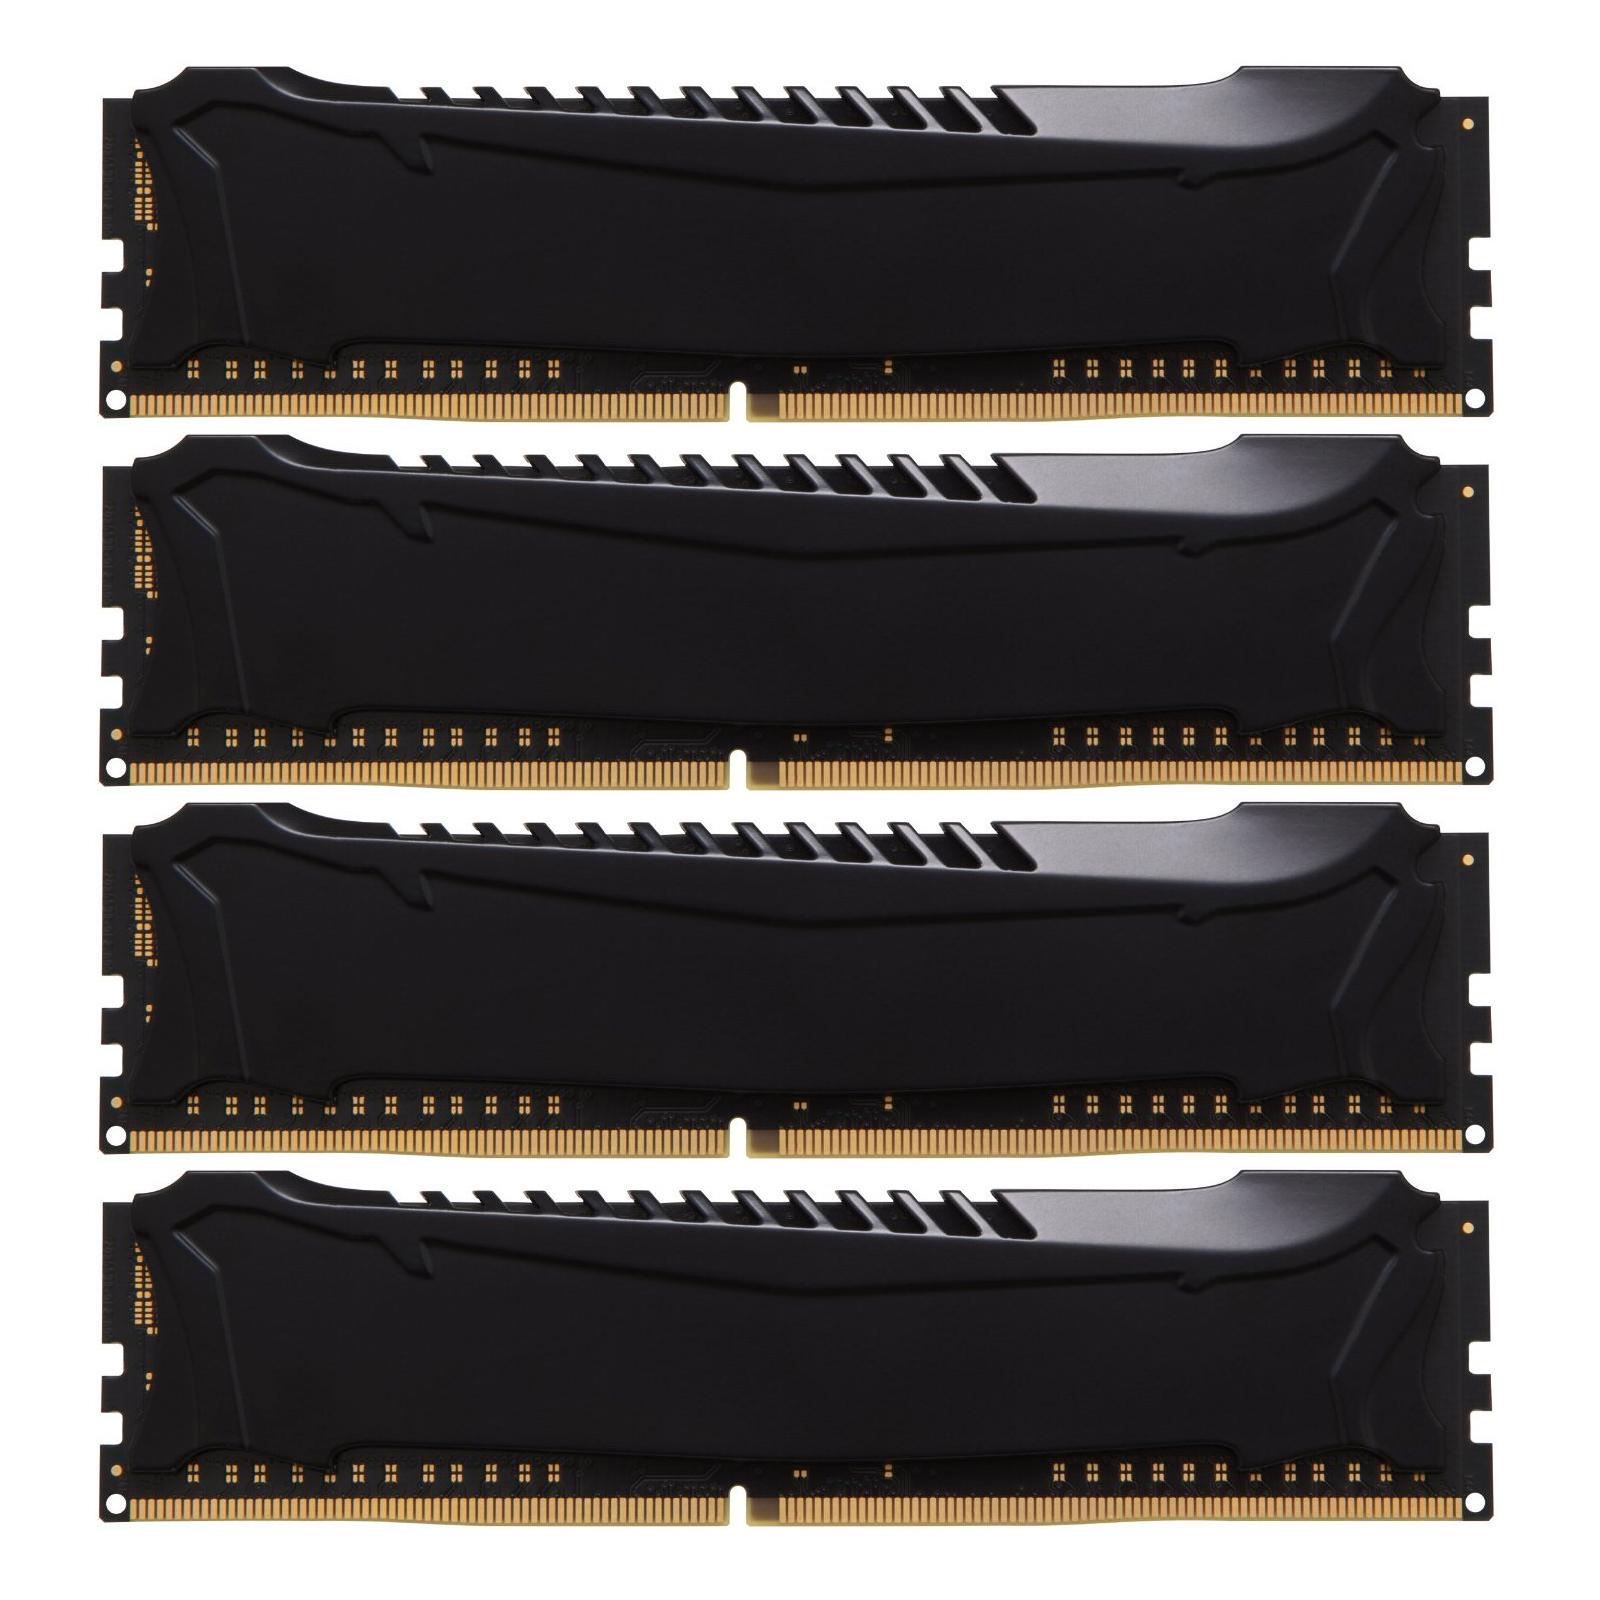 Модуль памяти для компьютера DDR4 32GB (4x8GB) 2400 MHz Savage Blak Kingston (HX424C12SB2K4/32) изображение 3